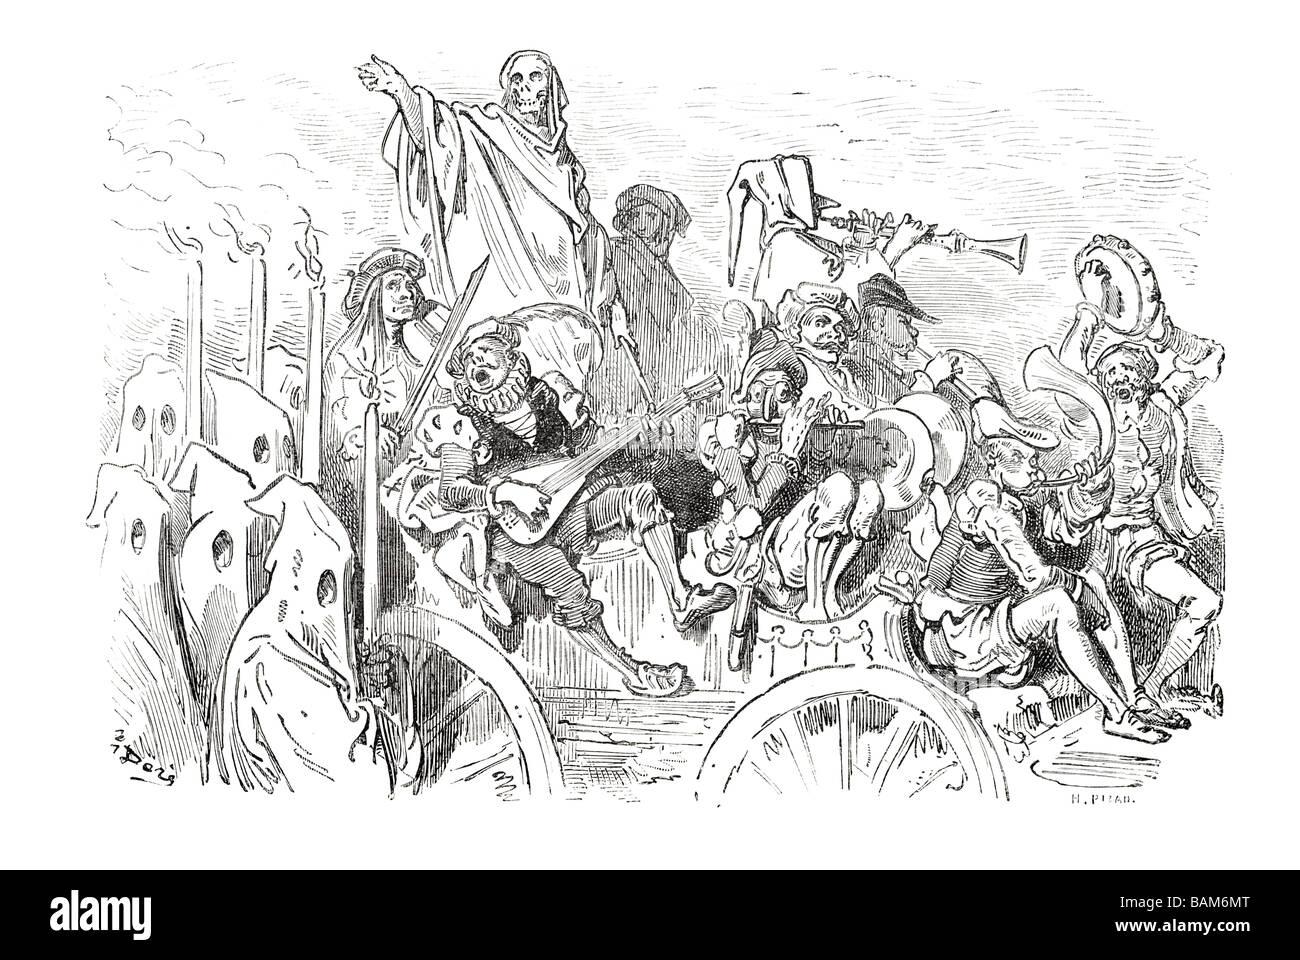 Capítulo XXXVI 36 treinta y seis novela española Don Quijote Alonso Quixano literatura Cervantes quest Imagen De Stock